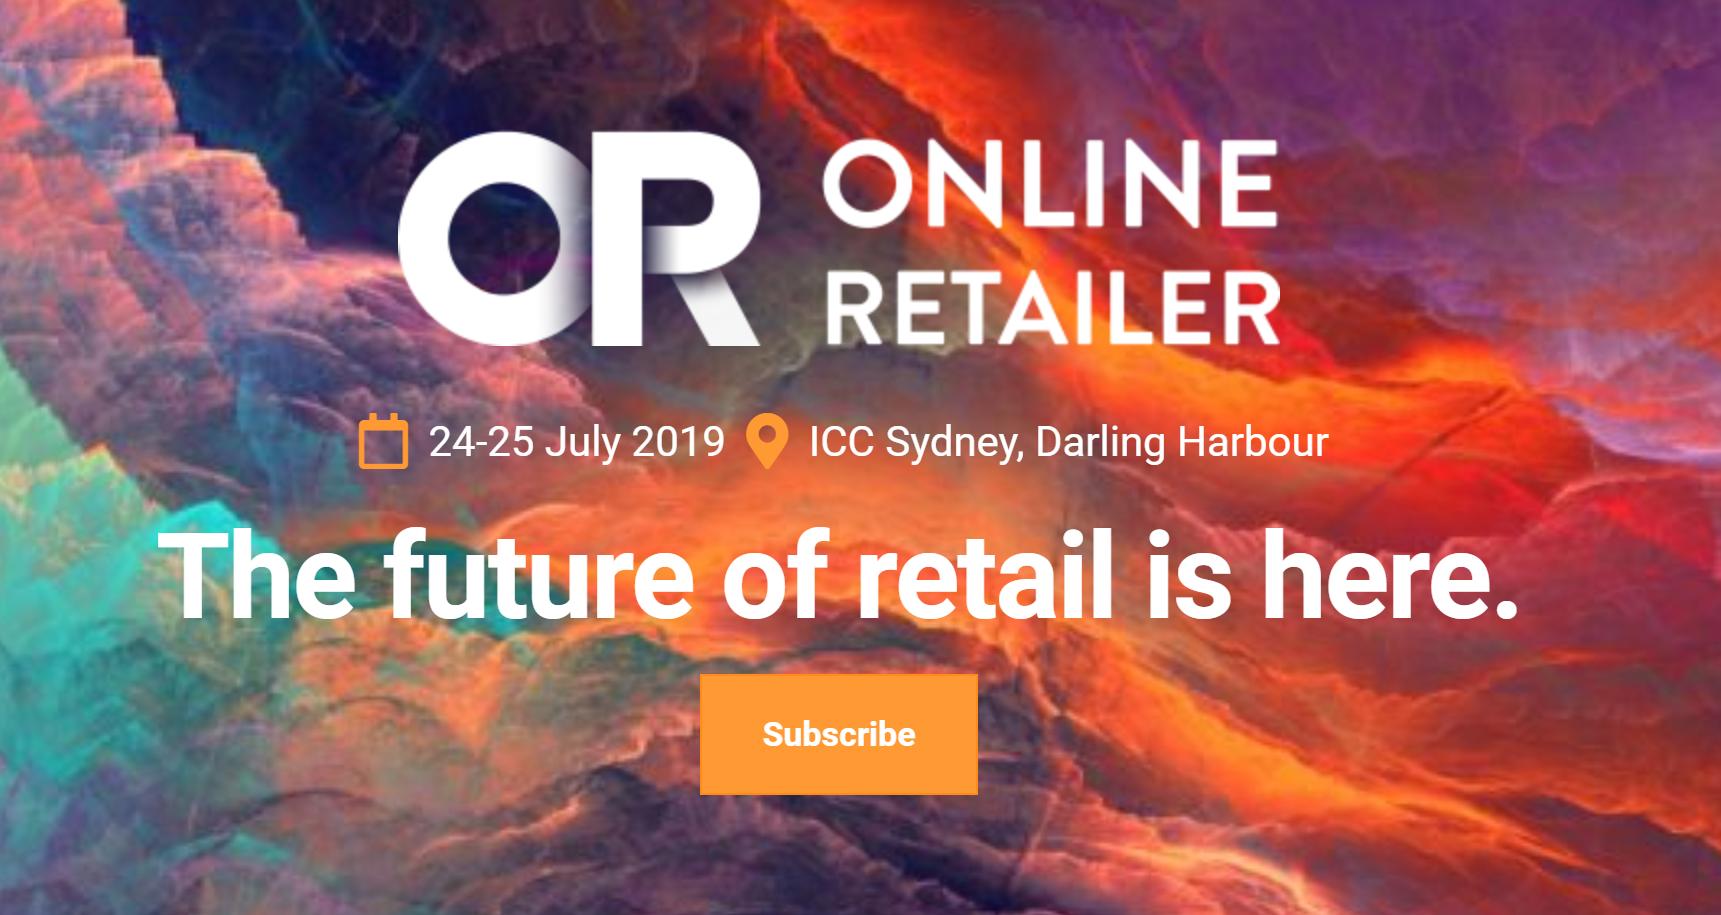 online retailer summit 2019